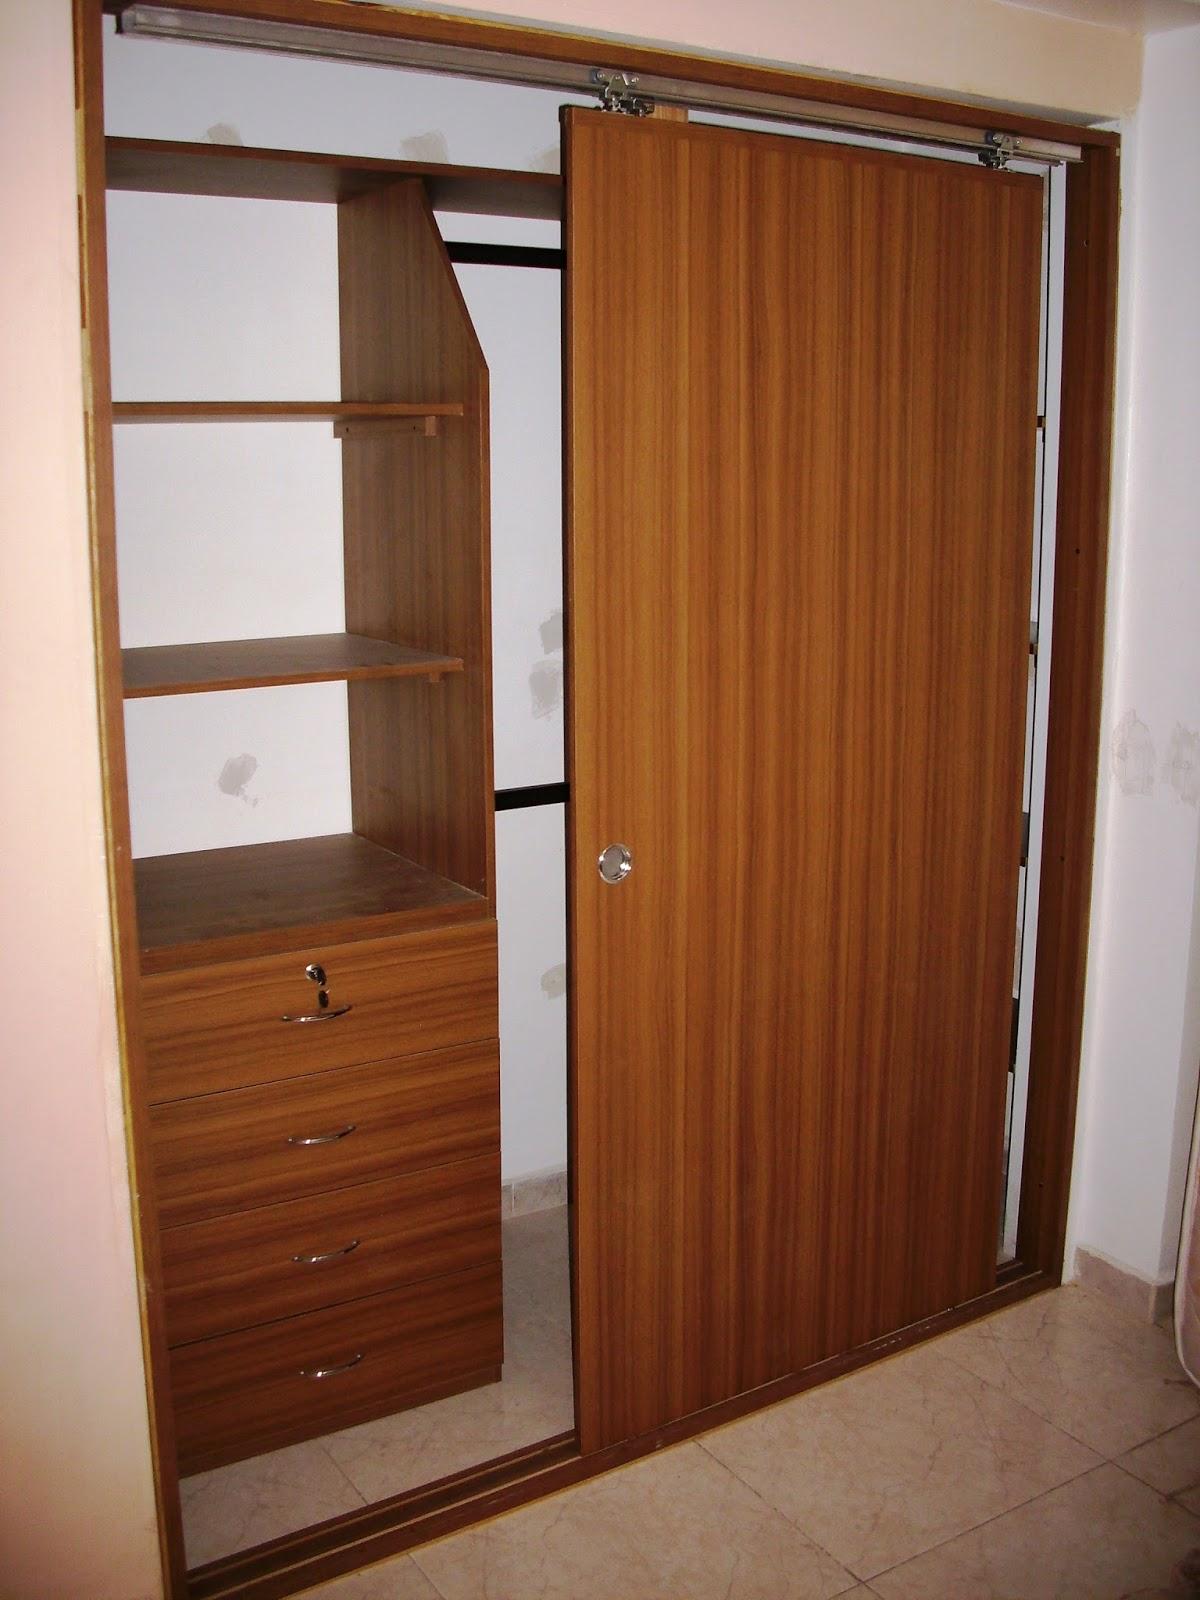 Construir puerta corredera construir puerta corredera - Hacer puertas de madera ...